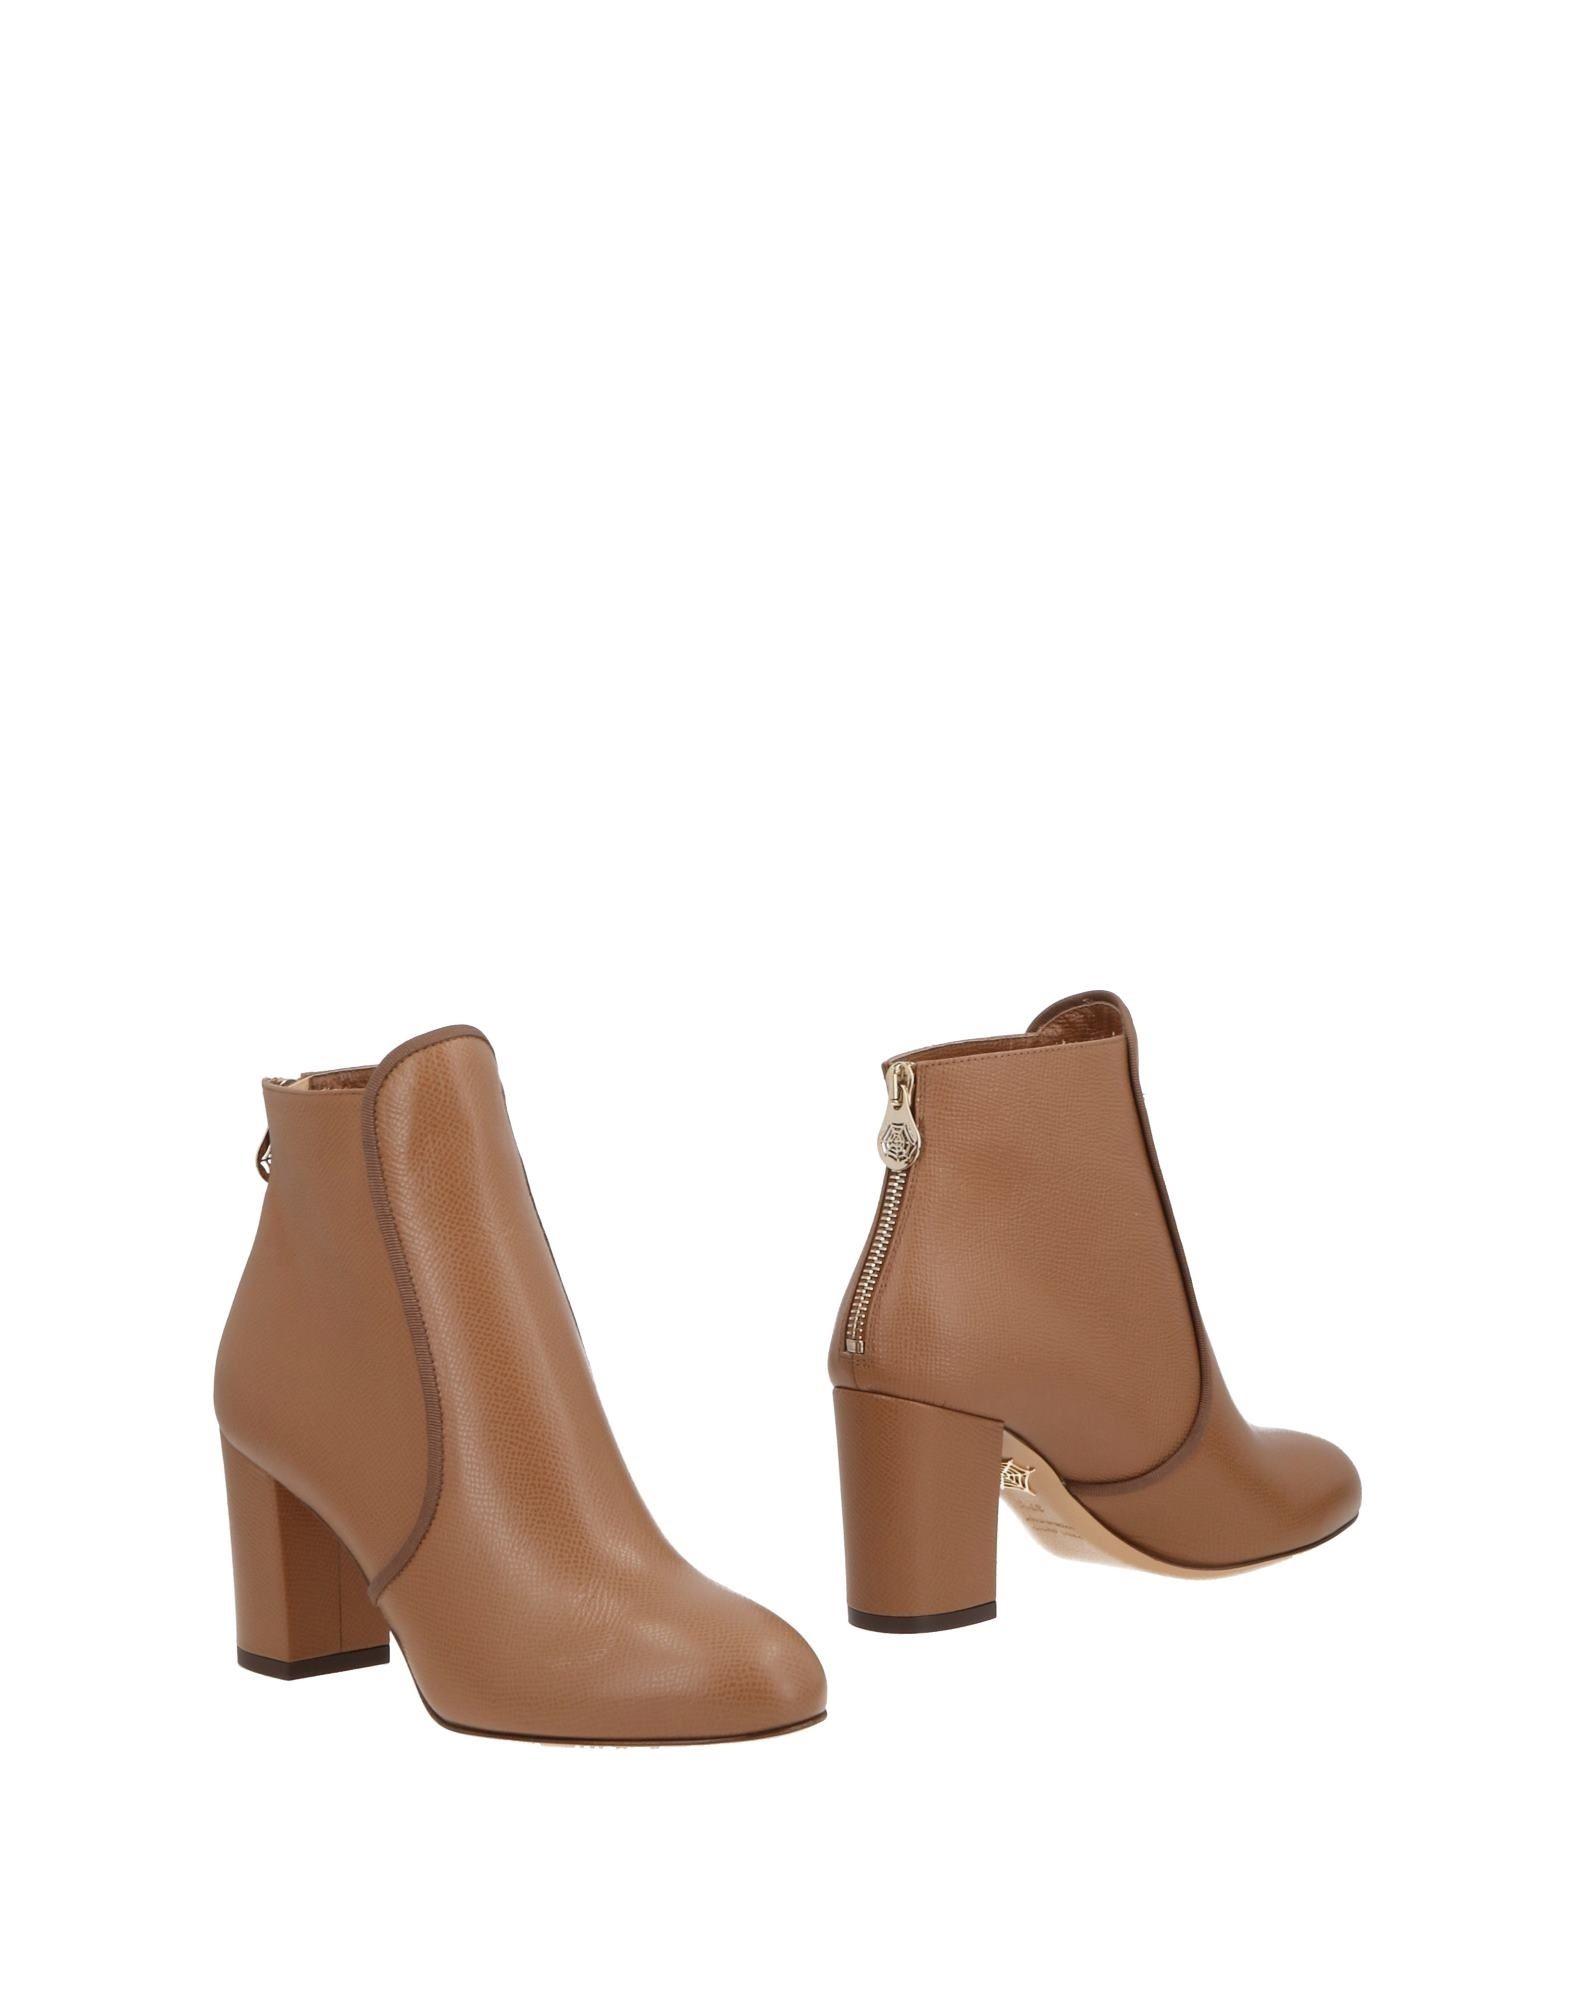 Charlotte Olympia Stiefelette Damen  11500036LW Beliebte Schuhe Schuhe Schuhe 771fe8